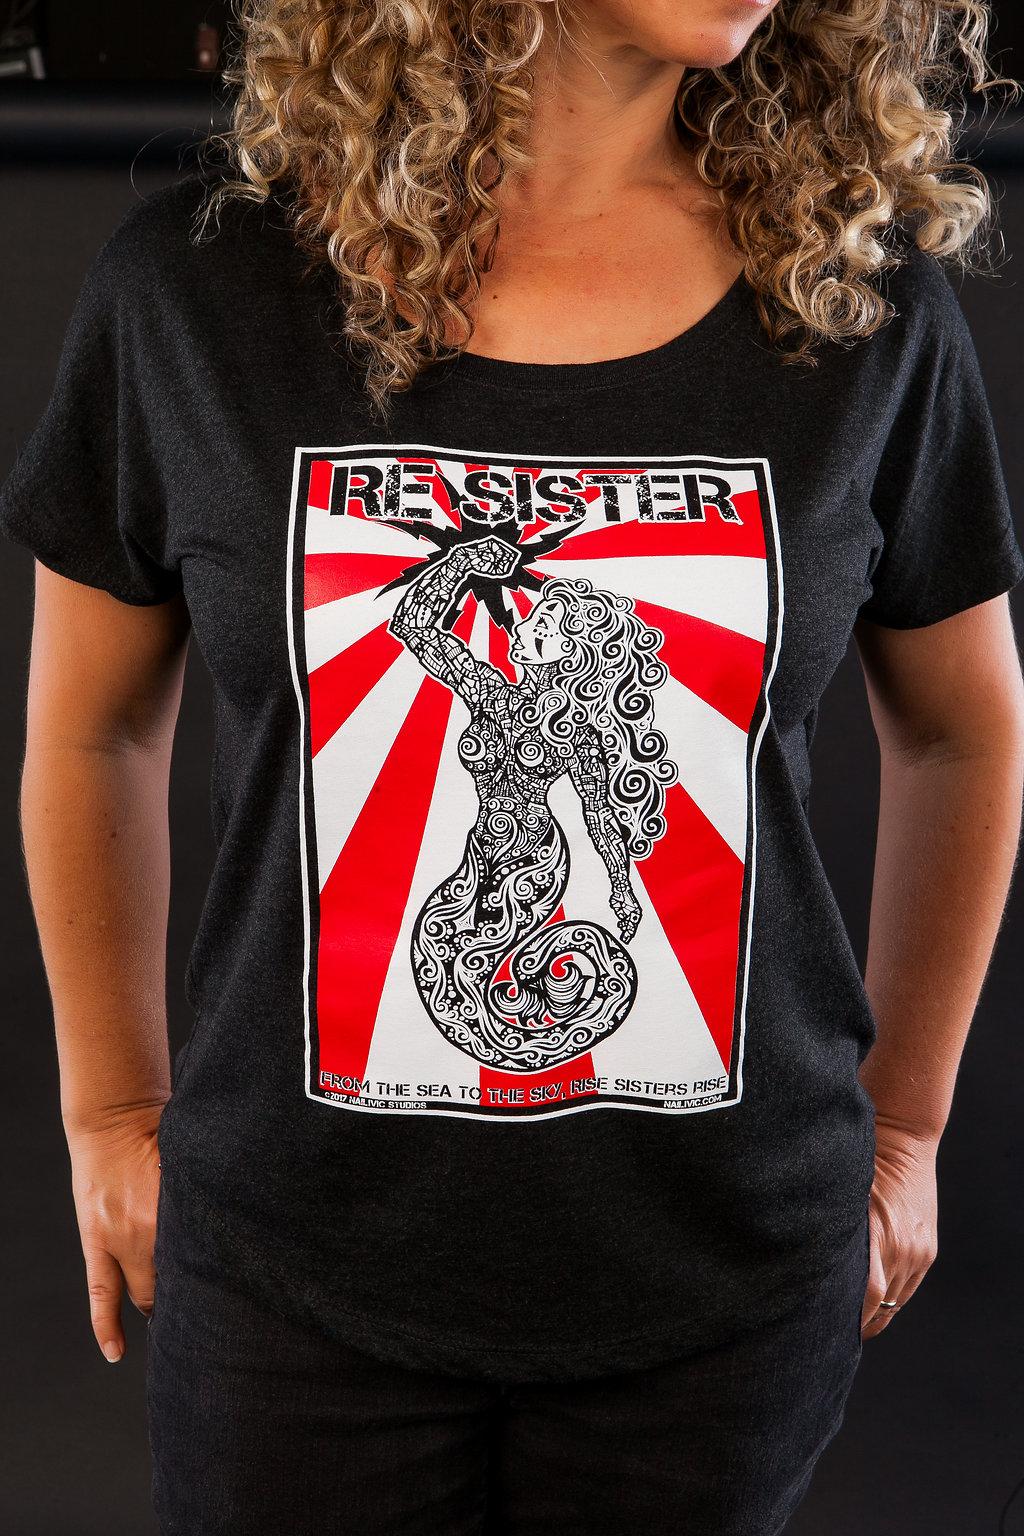 RESISTOR (MEN'S, WOMEN'S & YOUTH SIZES)